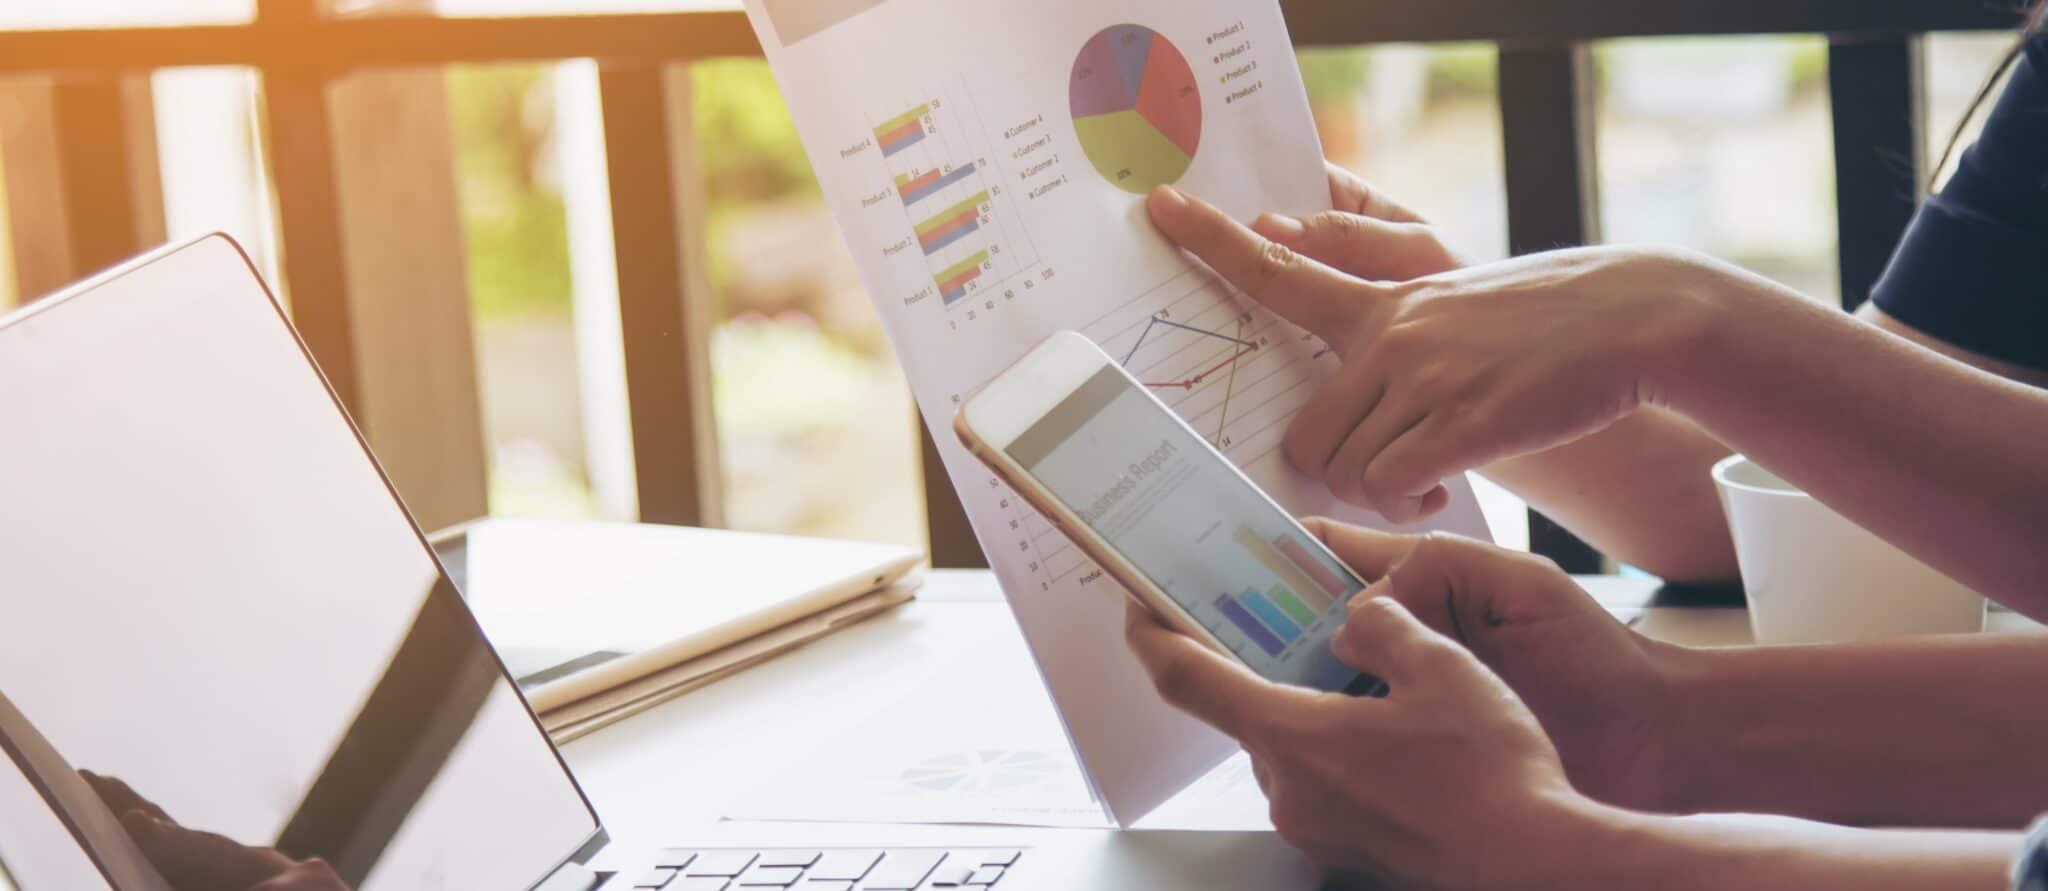 Importanza del web marketing per la tua azienda